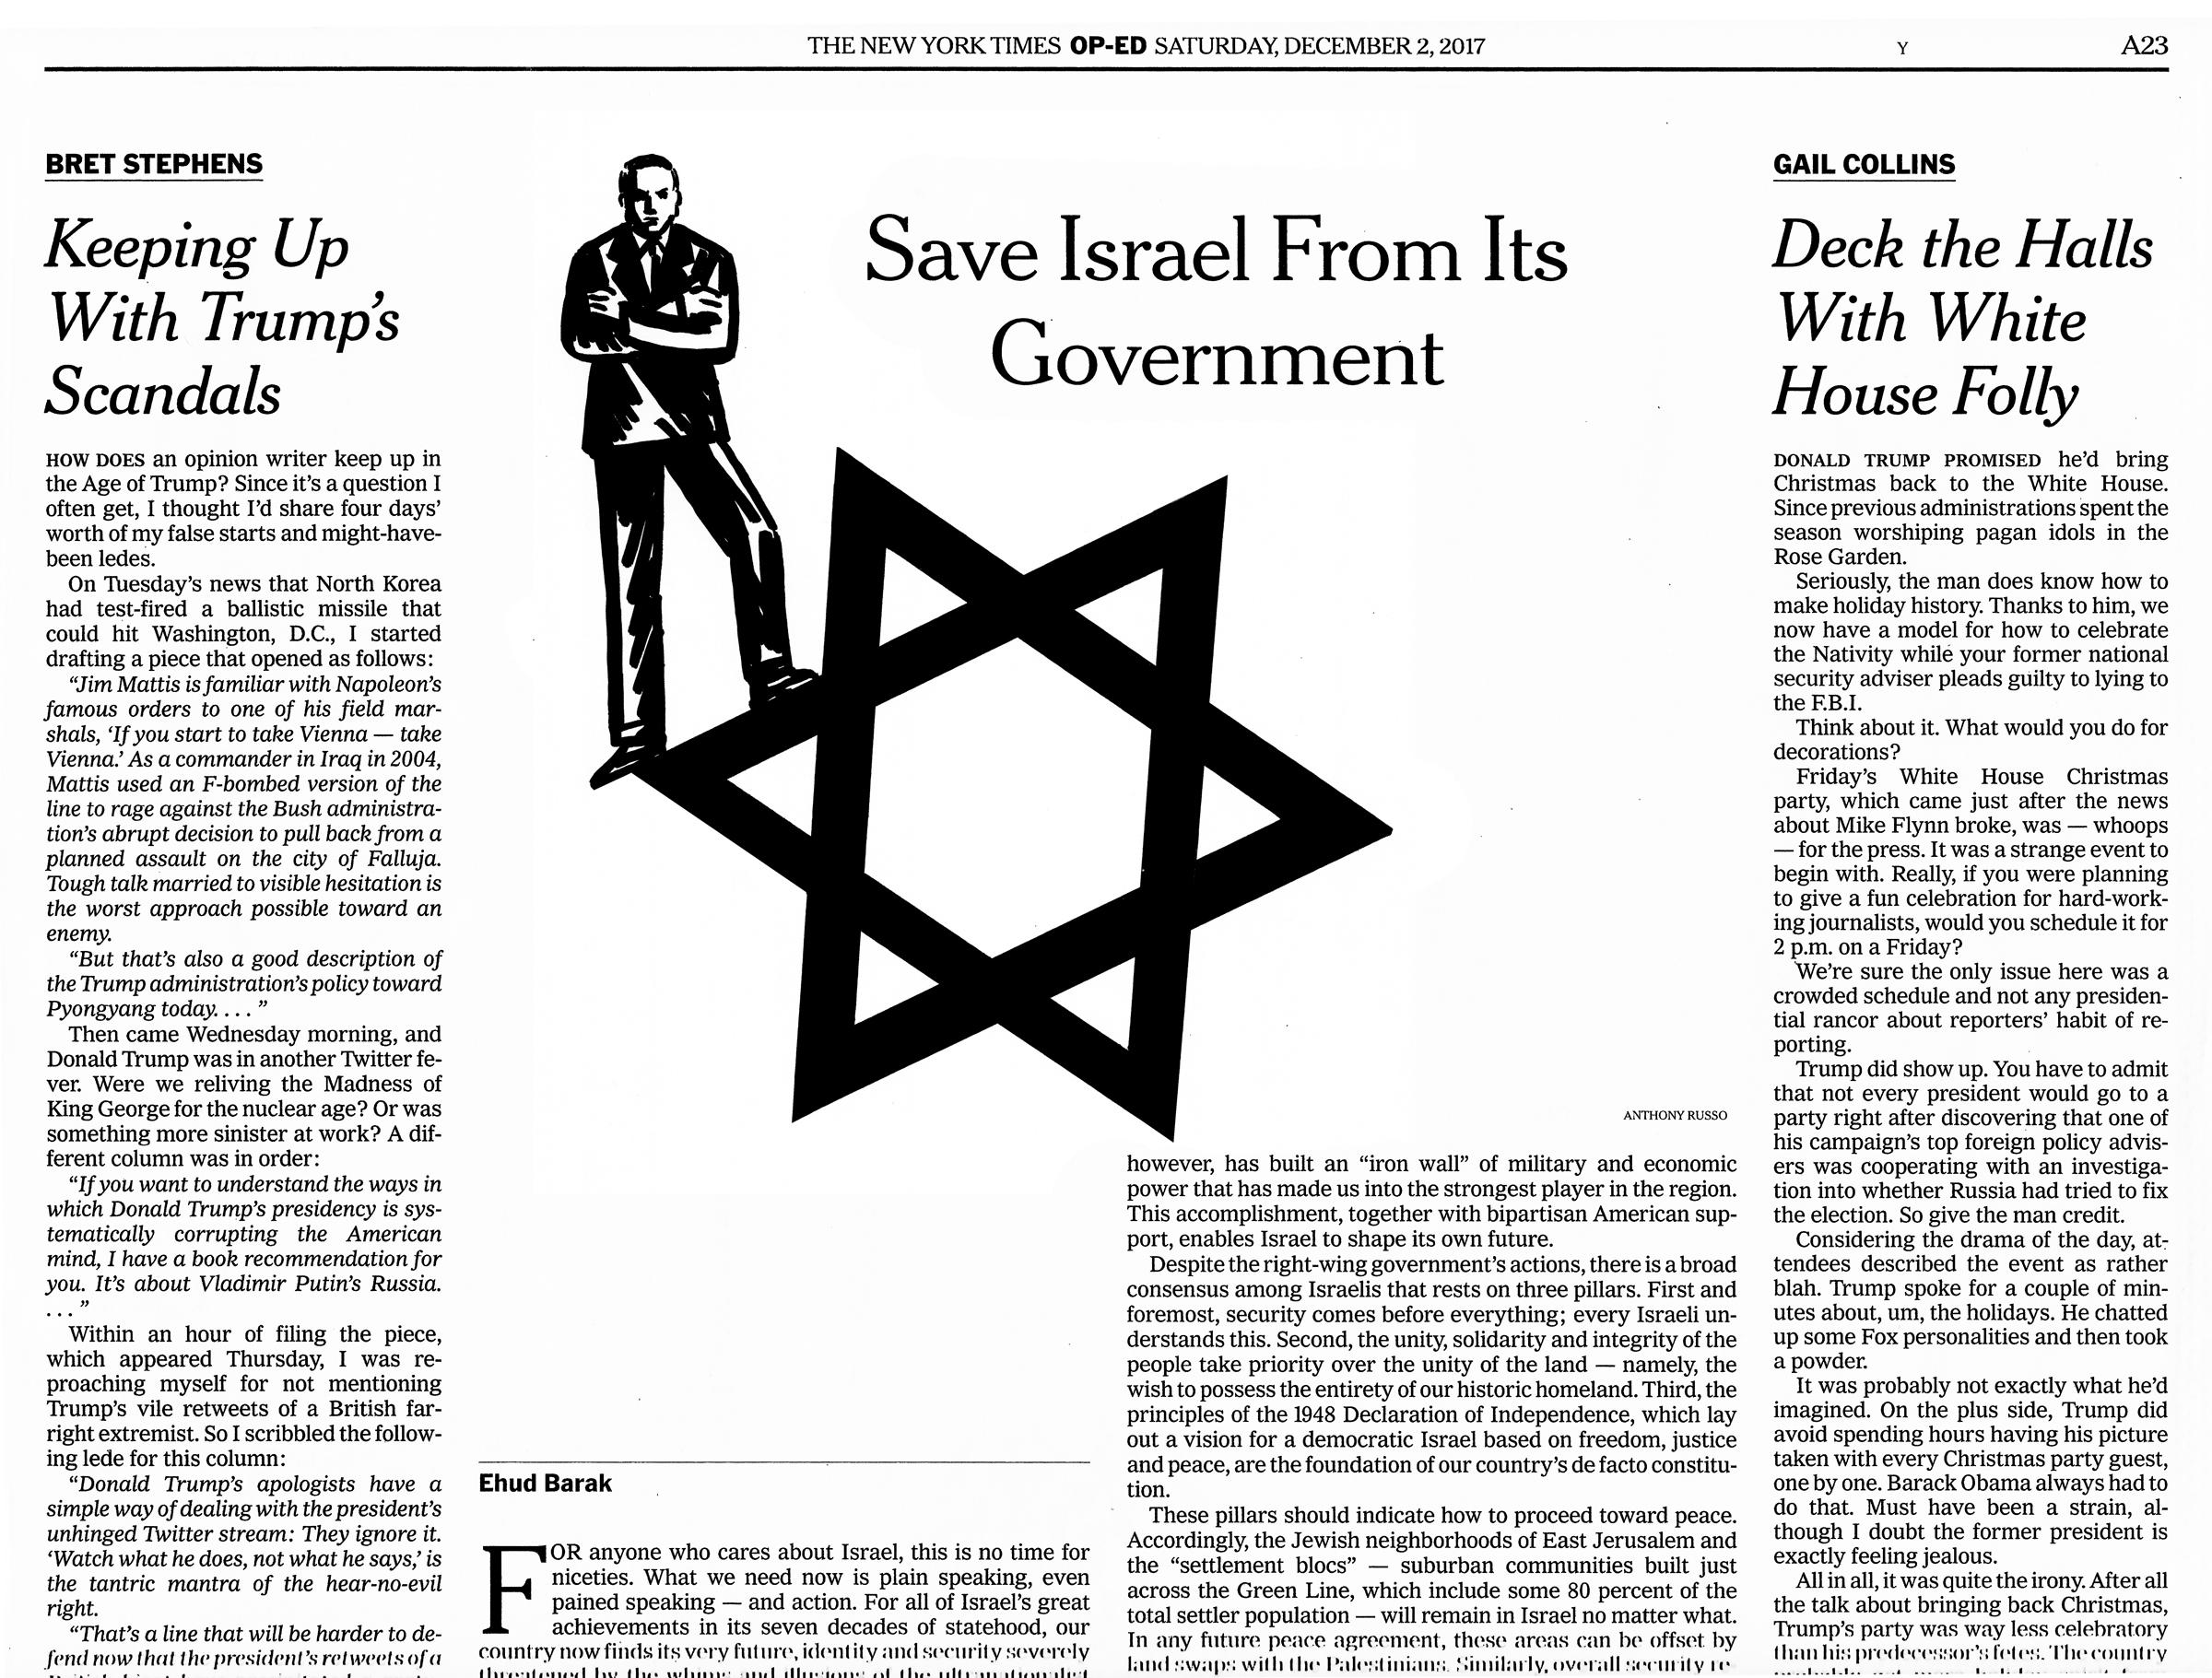 NYT OP ED 12.2.2017